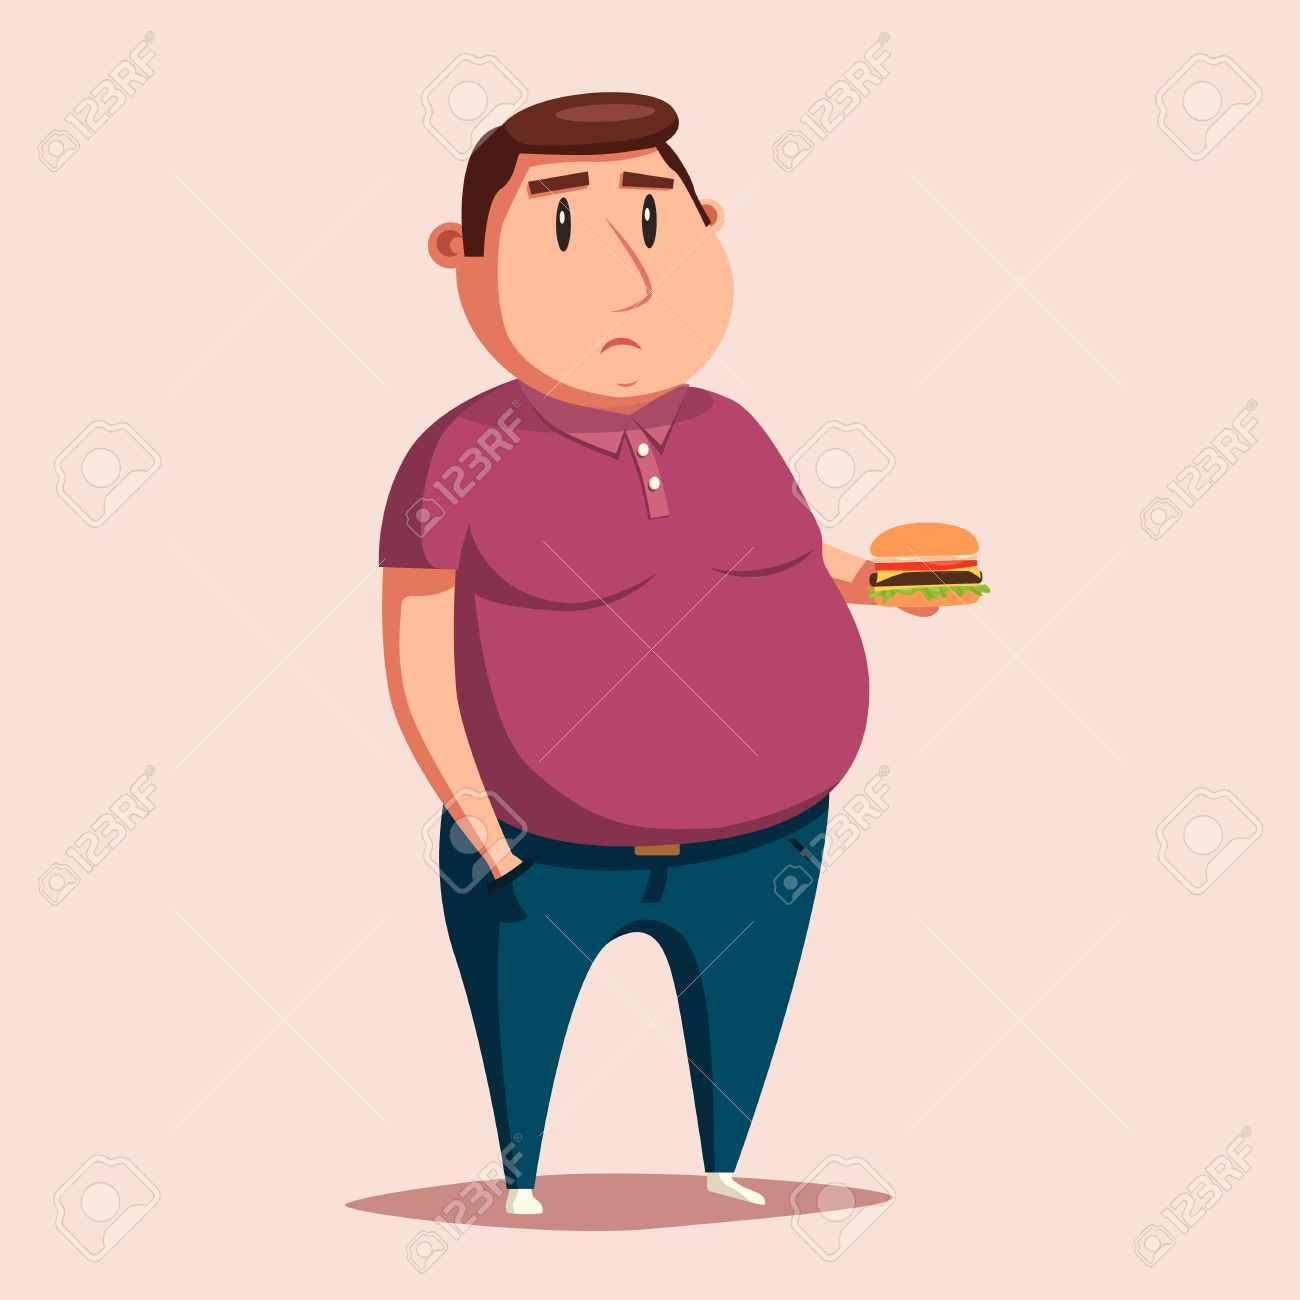 Hombre Gordo Con La Hamburguesa Ilustración Vectorial De Dibujos Animados Carácter Obesos Gordo Hombre Triste